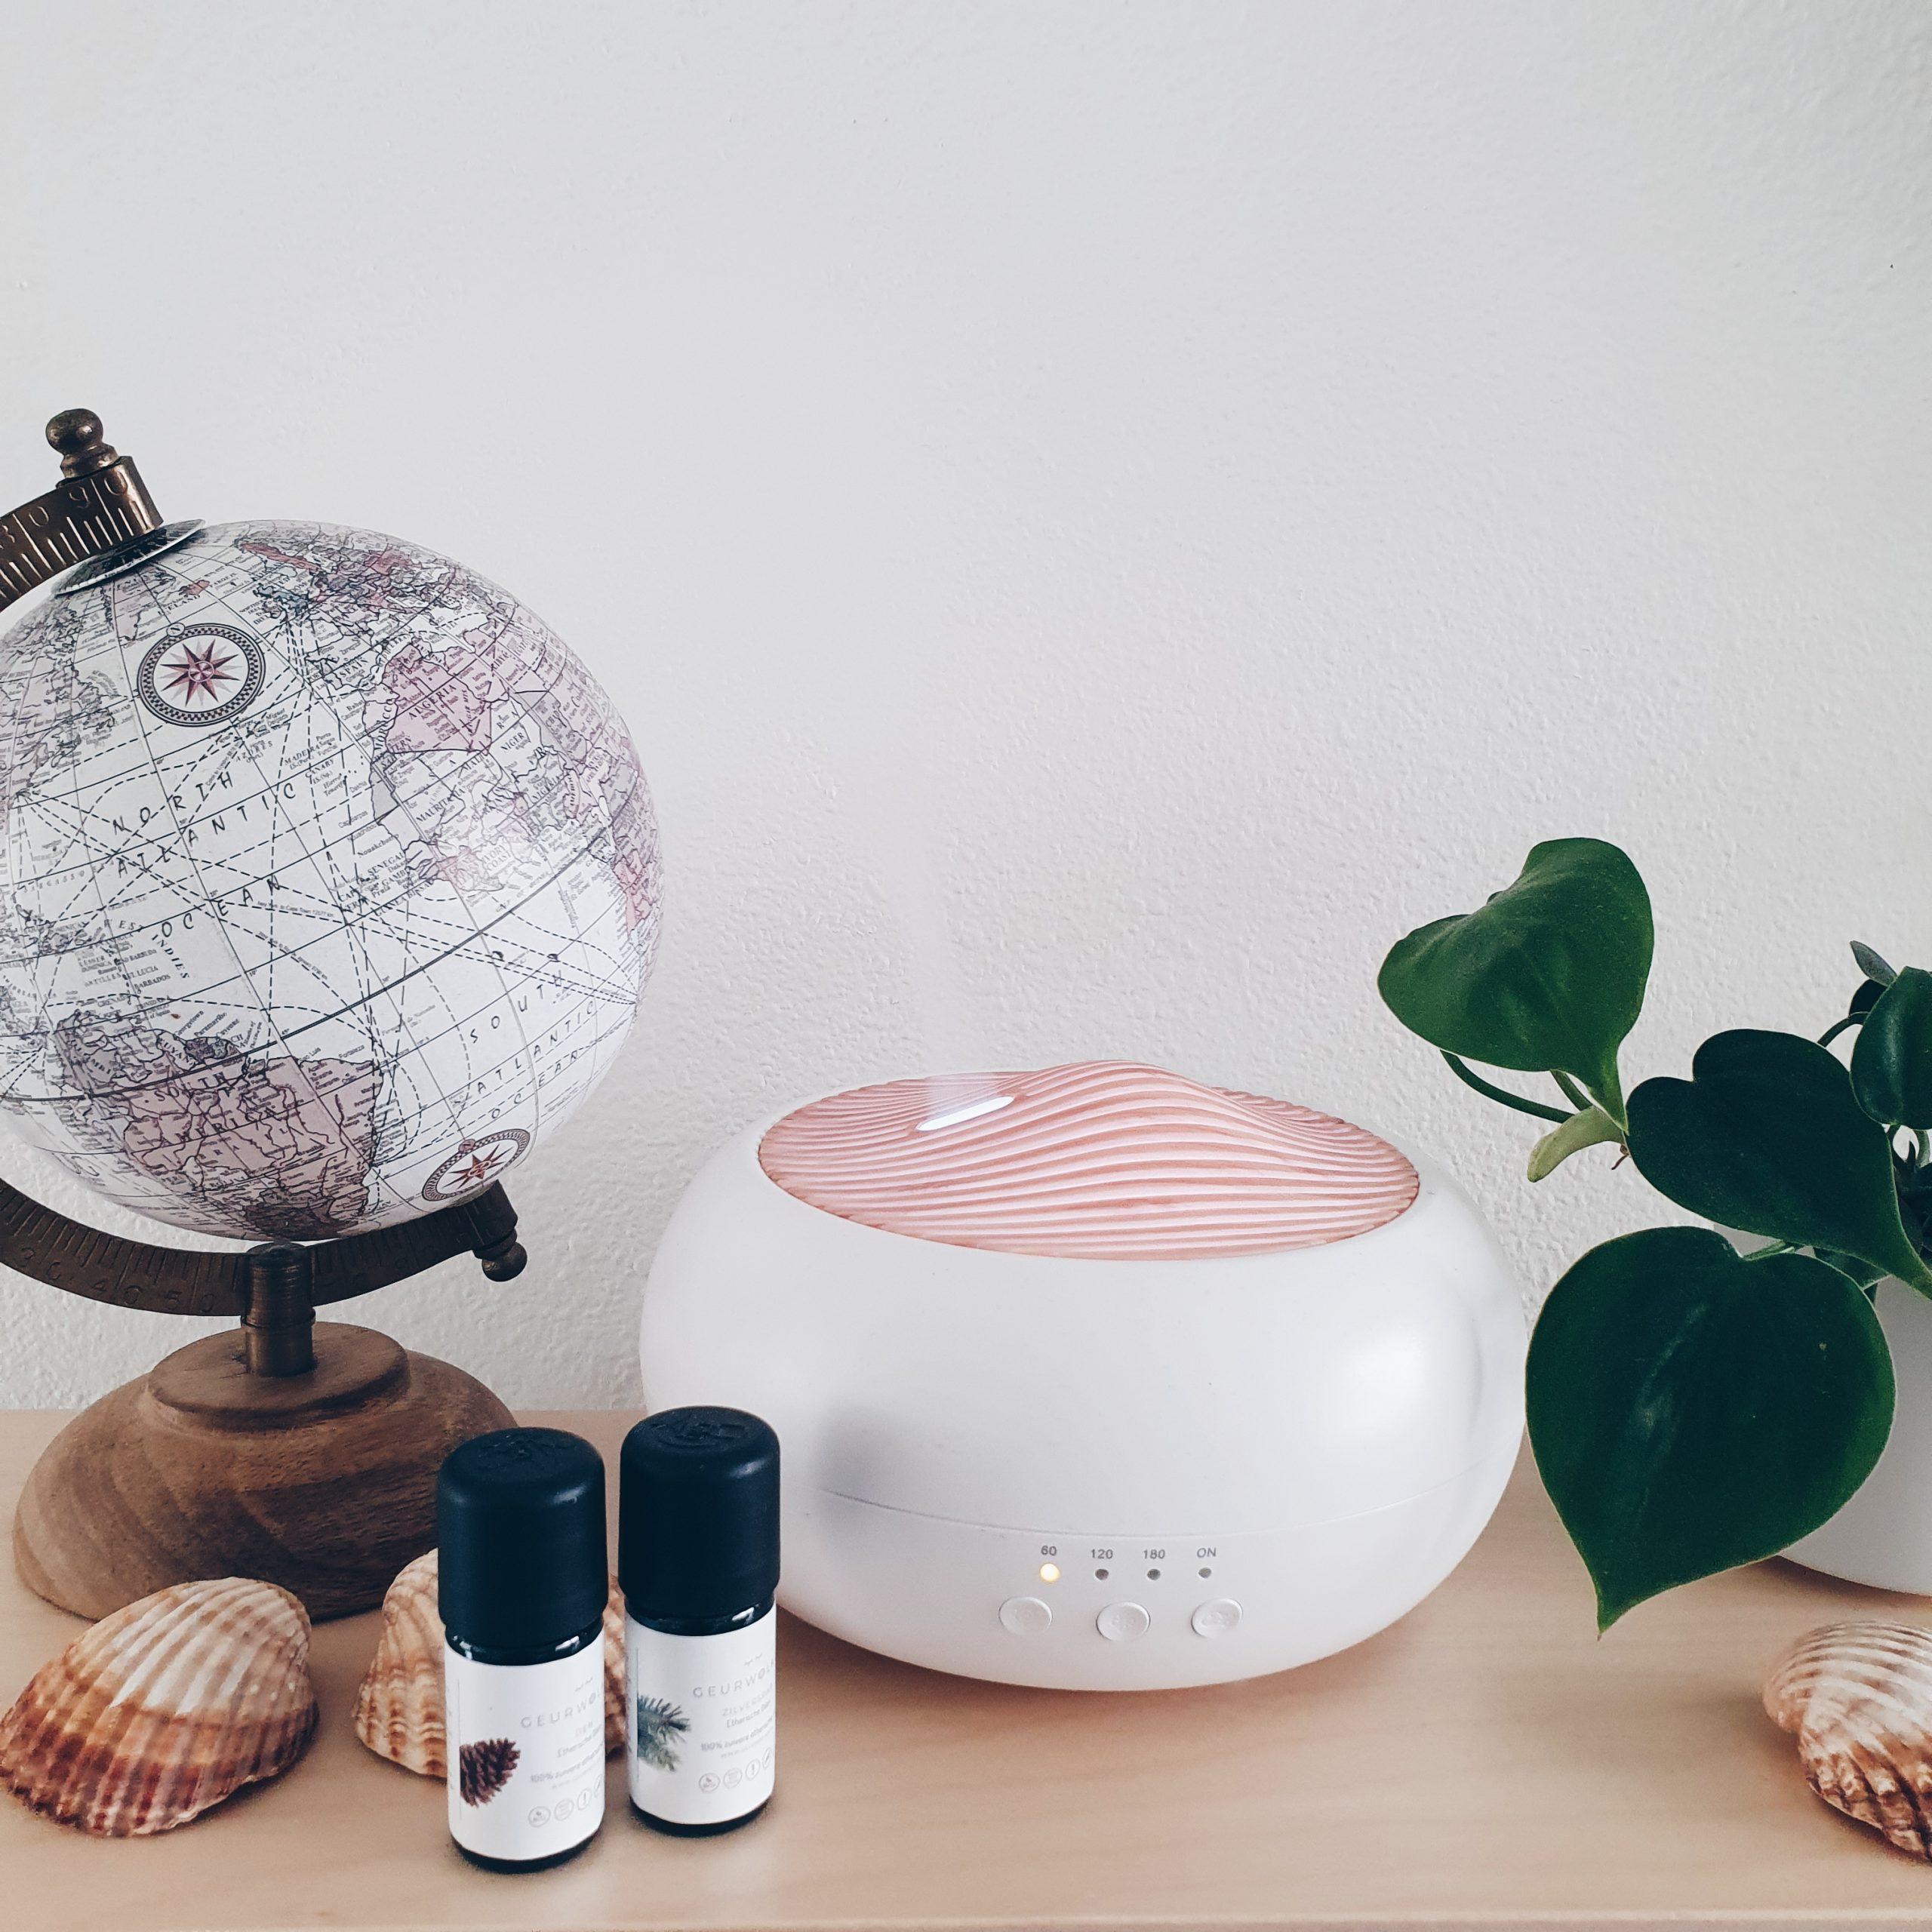 Geurwolkje – Aromatherapie voor thuis